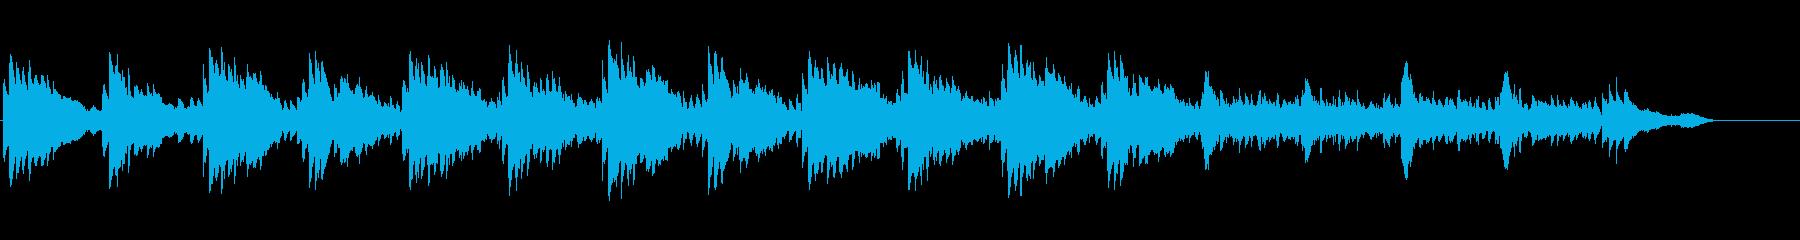 マッサージ、ヨガ、不思議、睡眠、ピアノの再生済みの波形